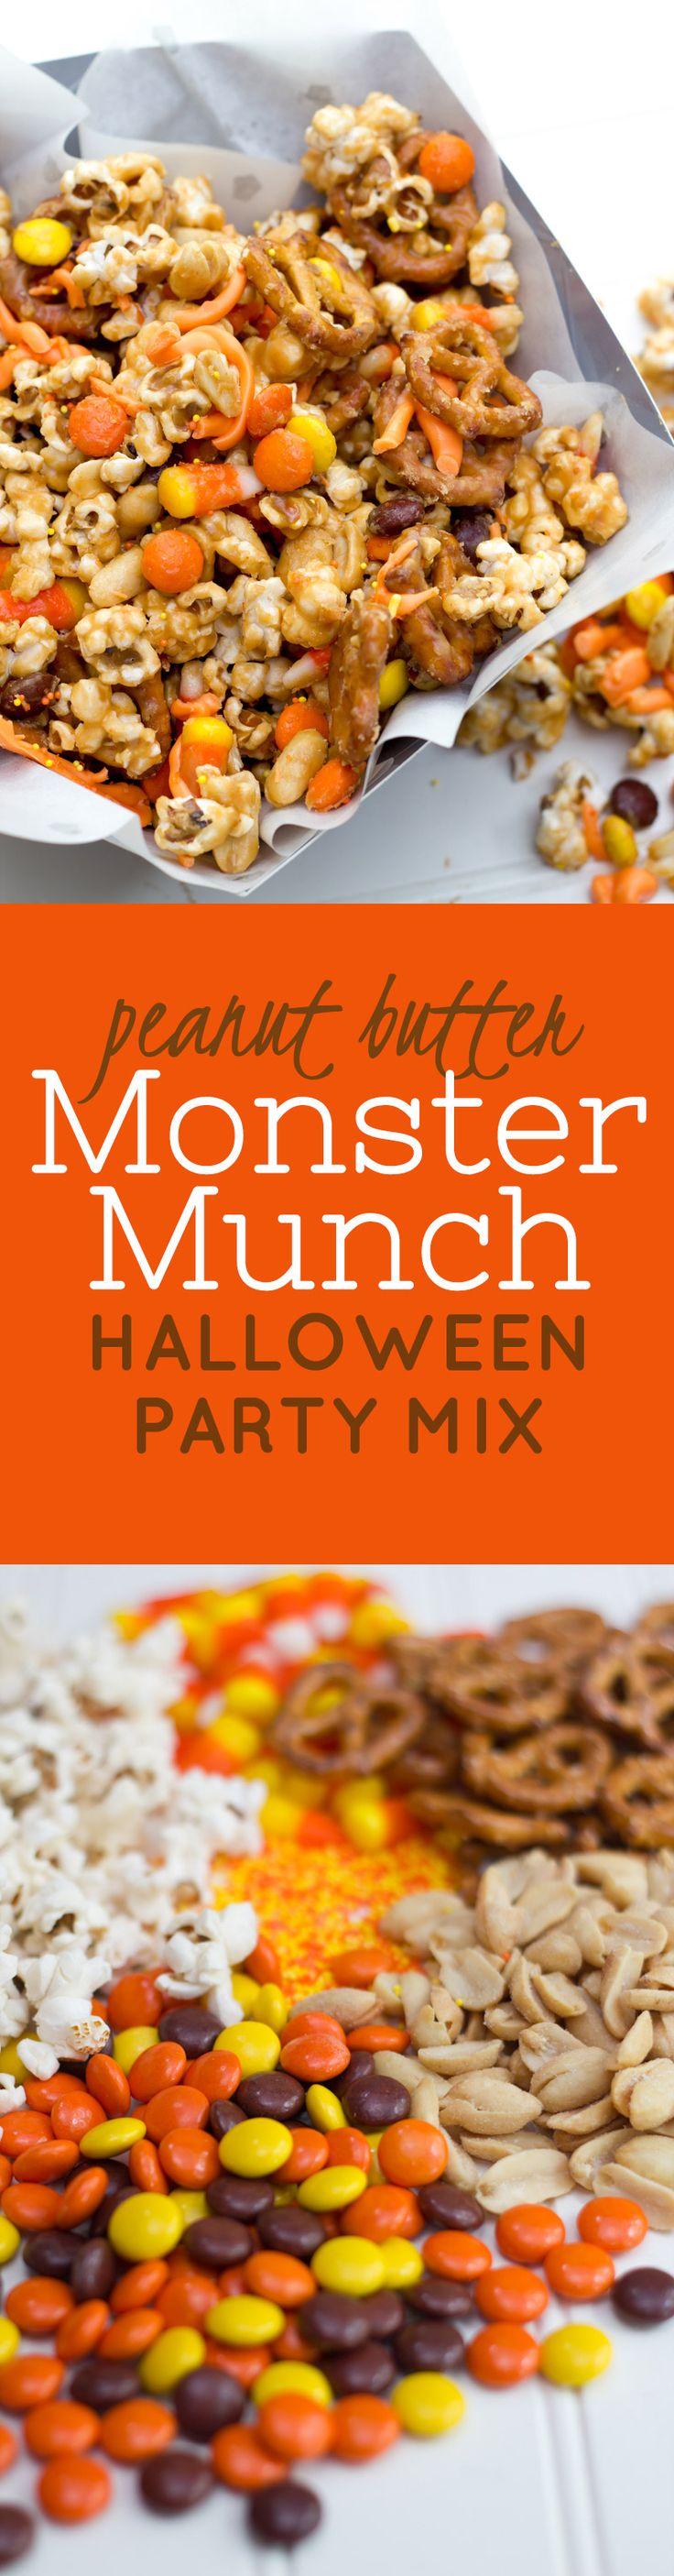 Peanut Butter Monster Munch Halloween Party Mix